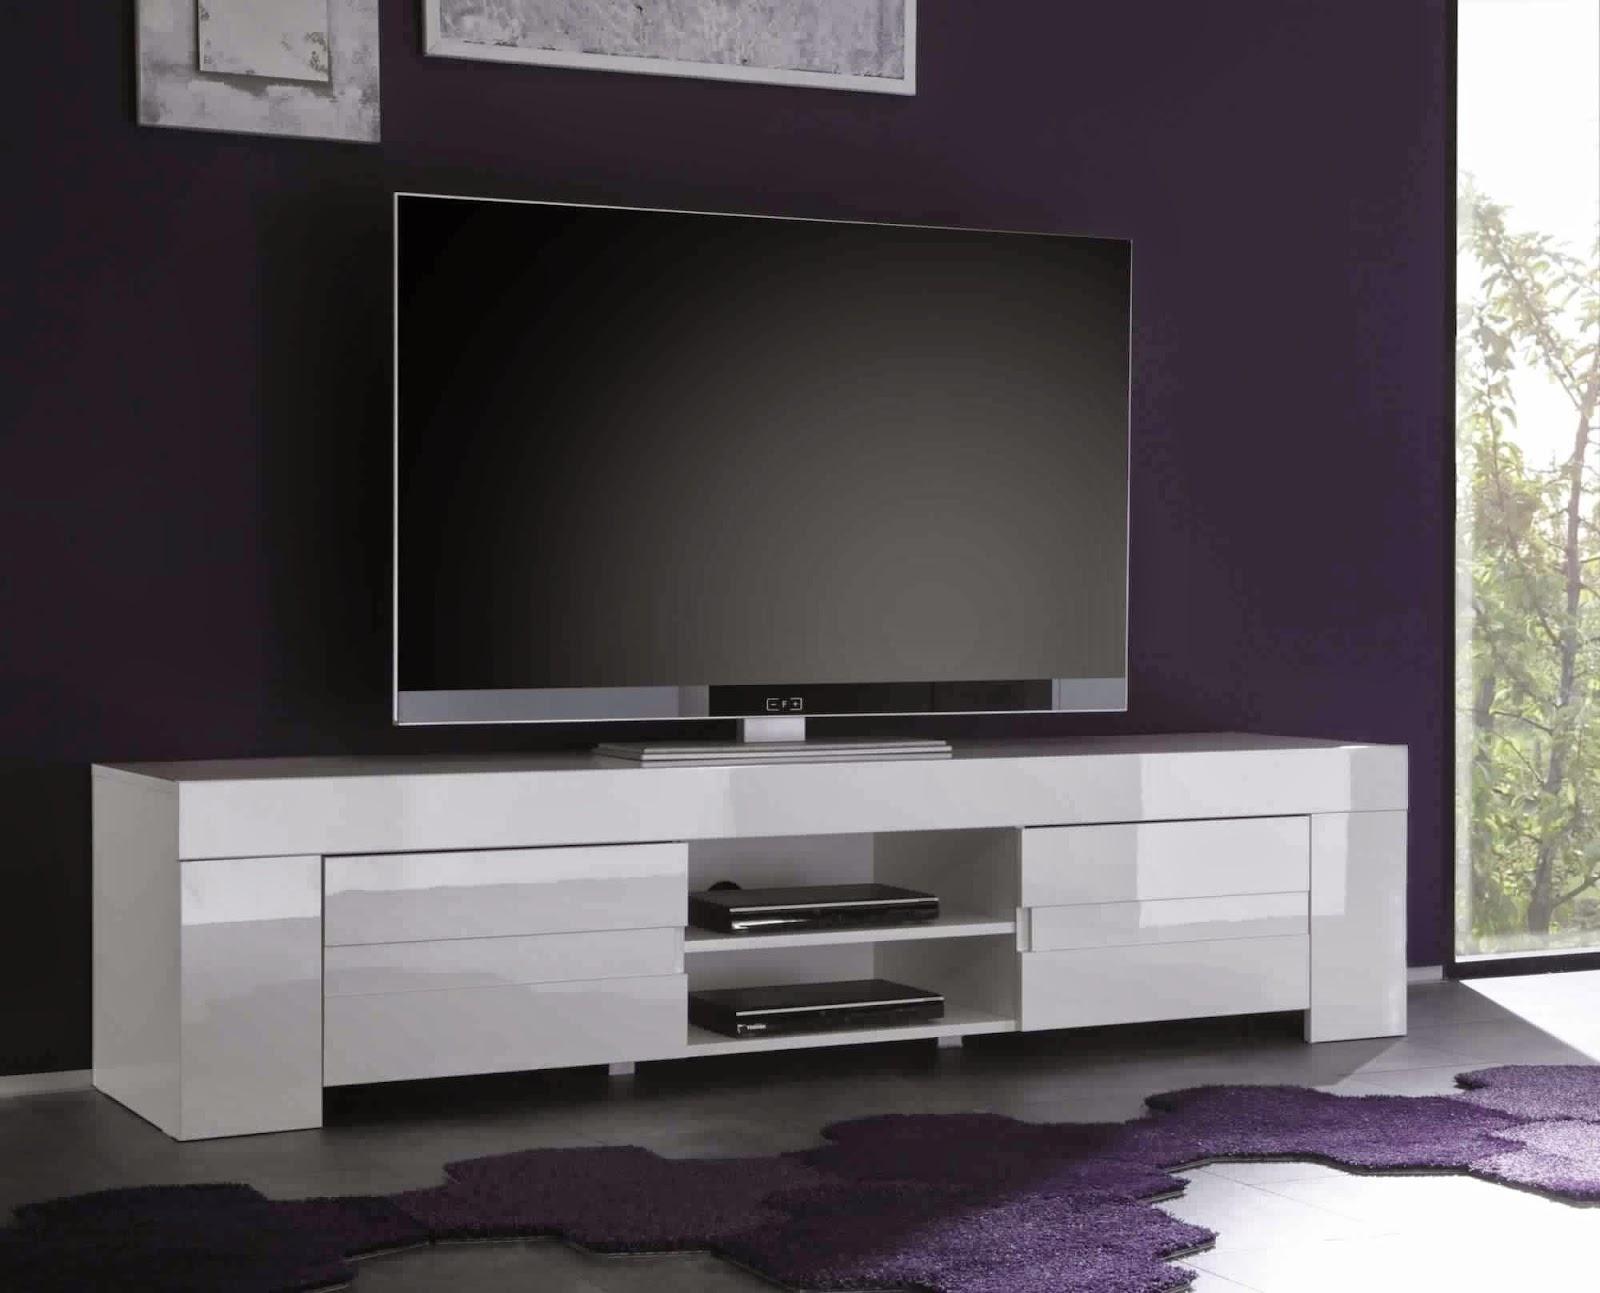 Meuble tv pas cher design meuble tv for Meuble design pas cher